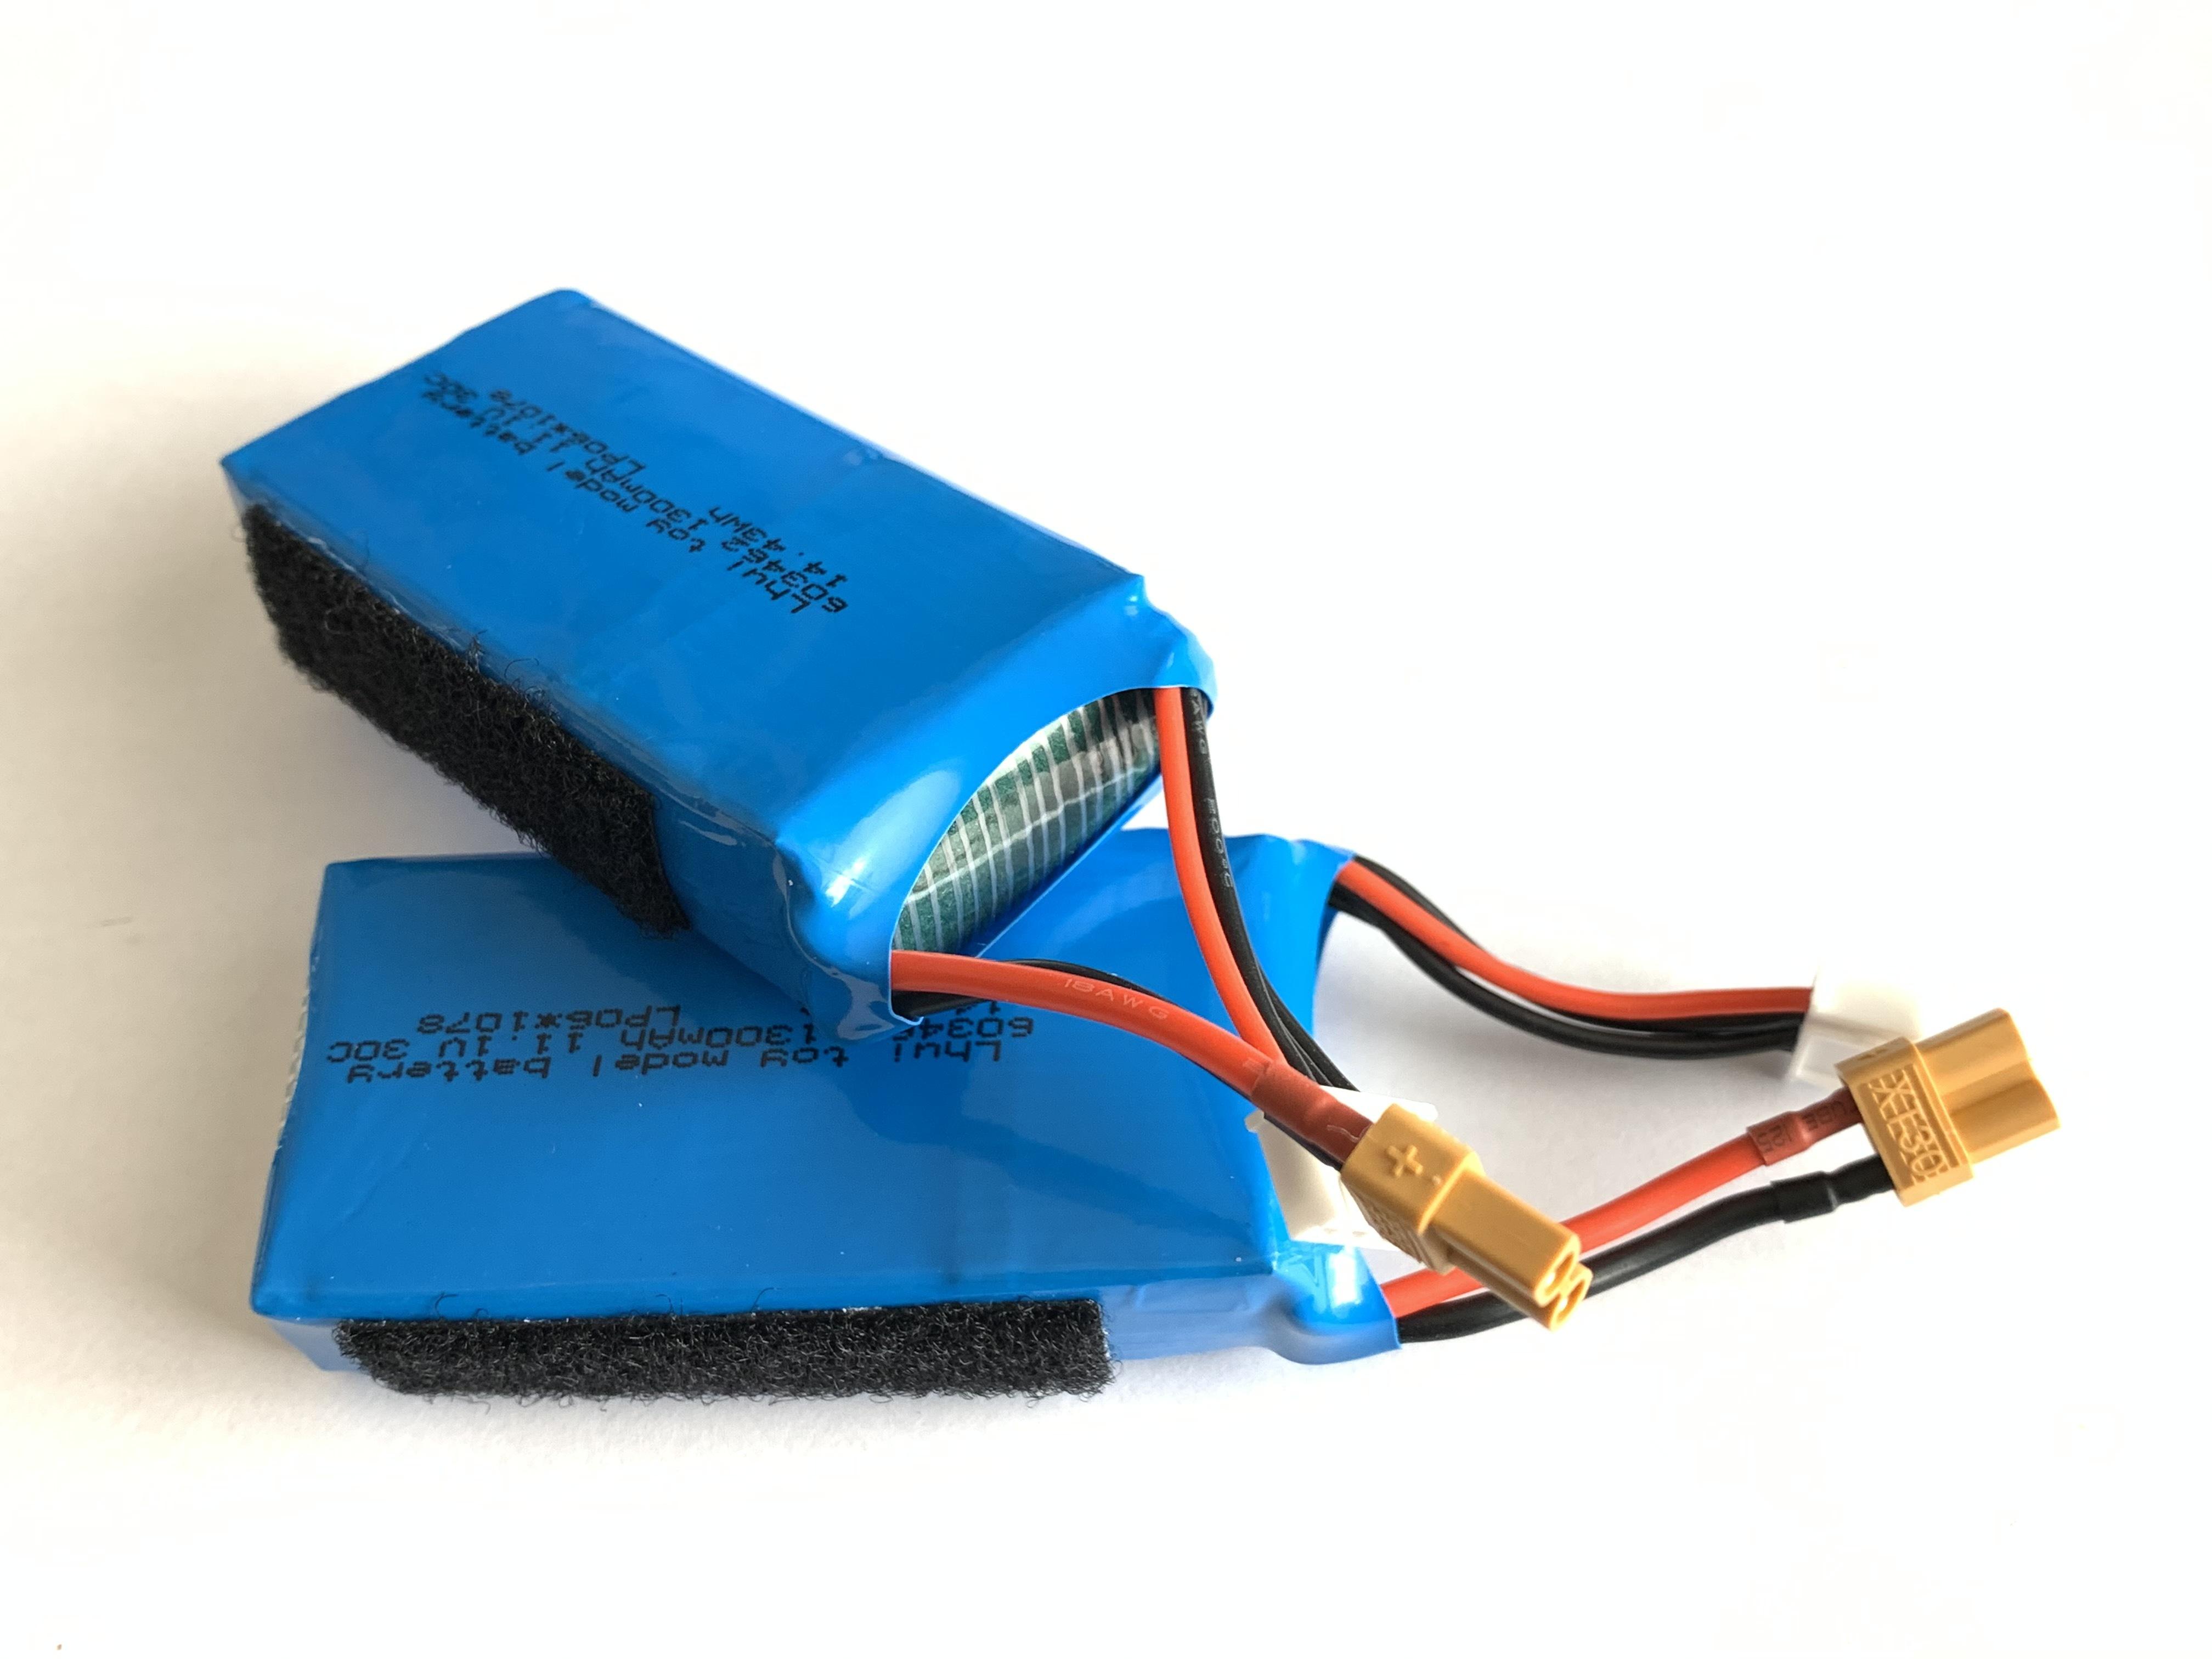 ◆2個セット特価◆XK  X450 互換基板付リポバッテリー  11.1V1300mAh30C  XT30コネクタ